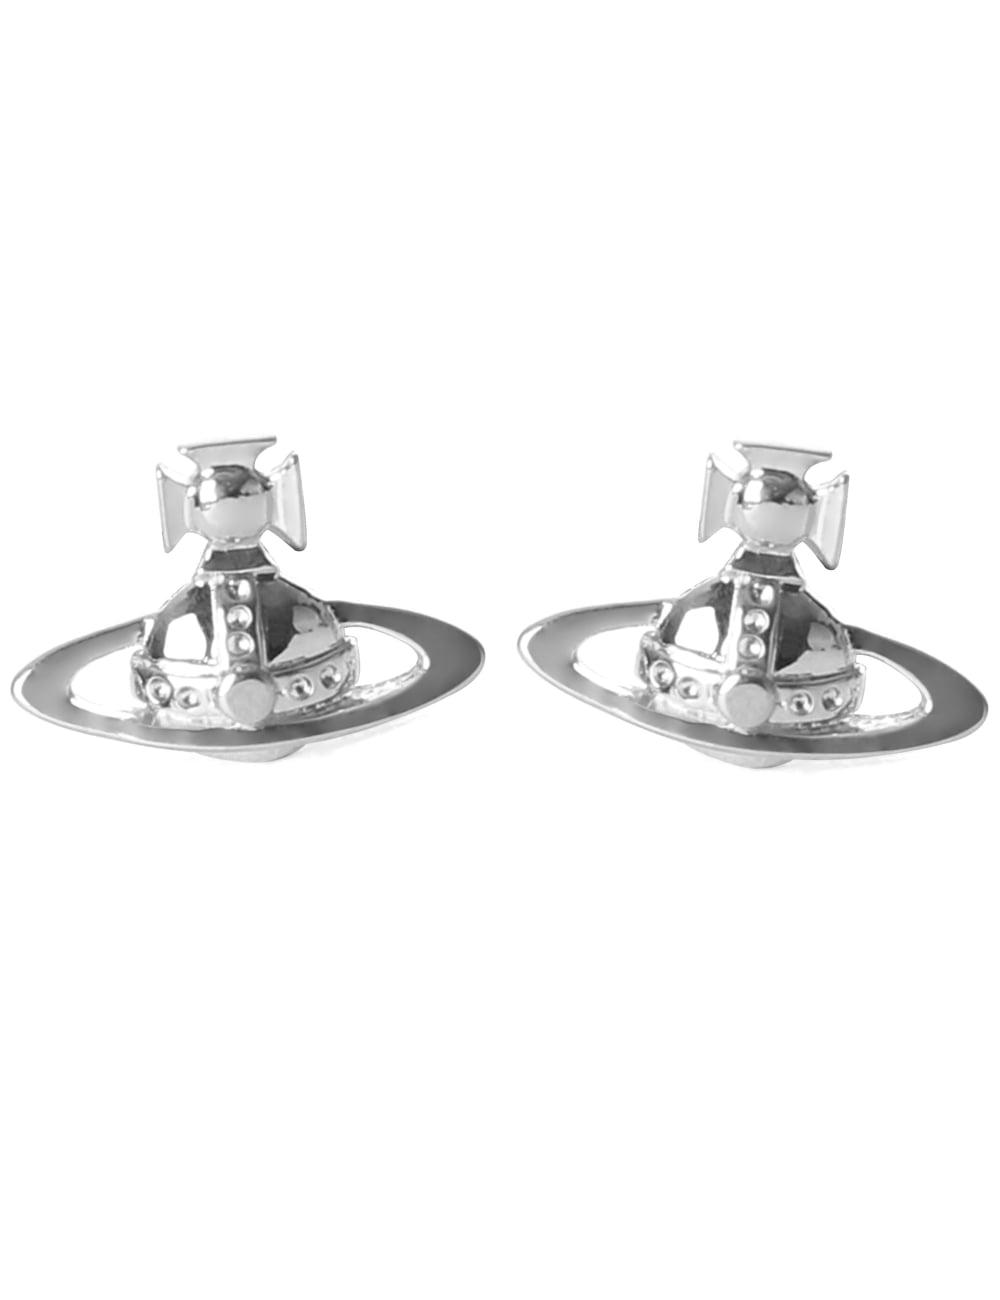 76bfba0a5 Vivienne Westwood Toni Women's Orb Earrings